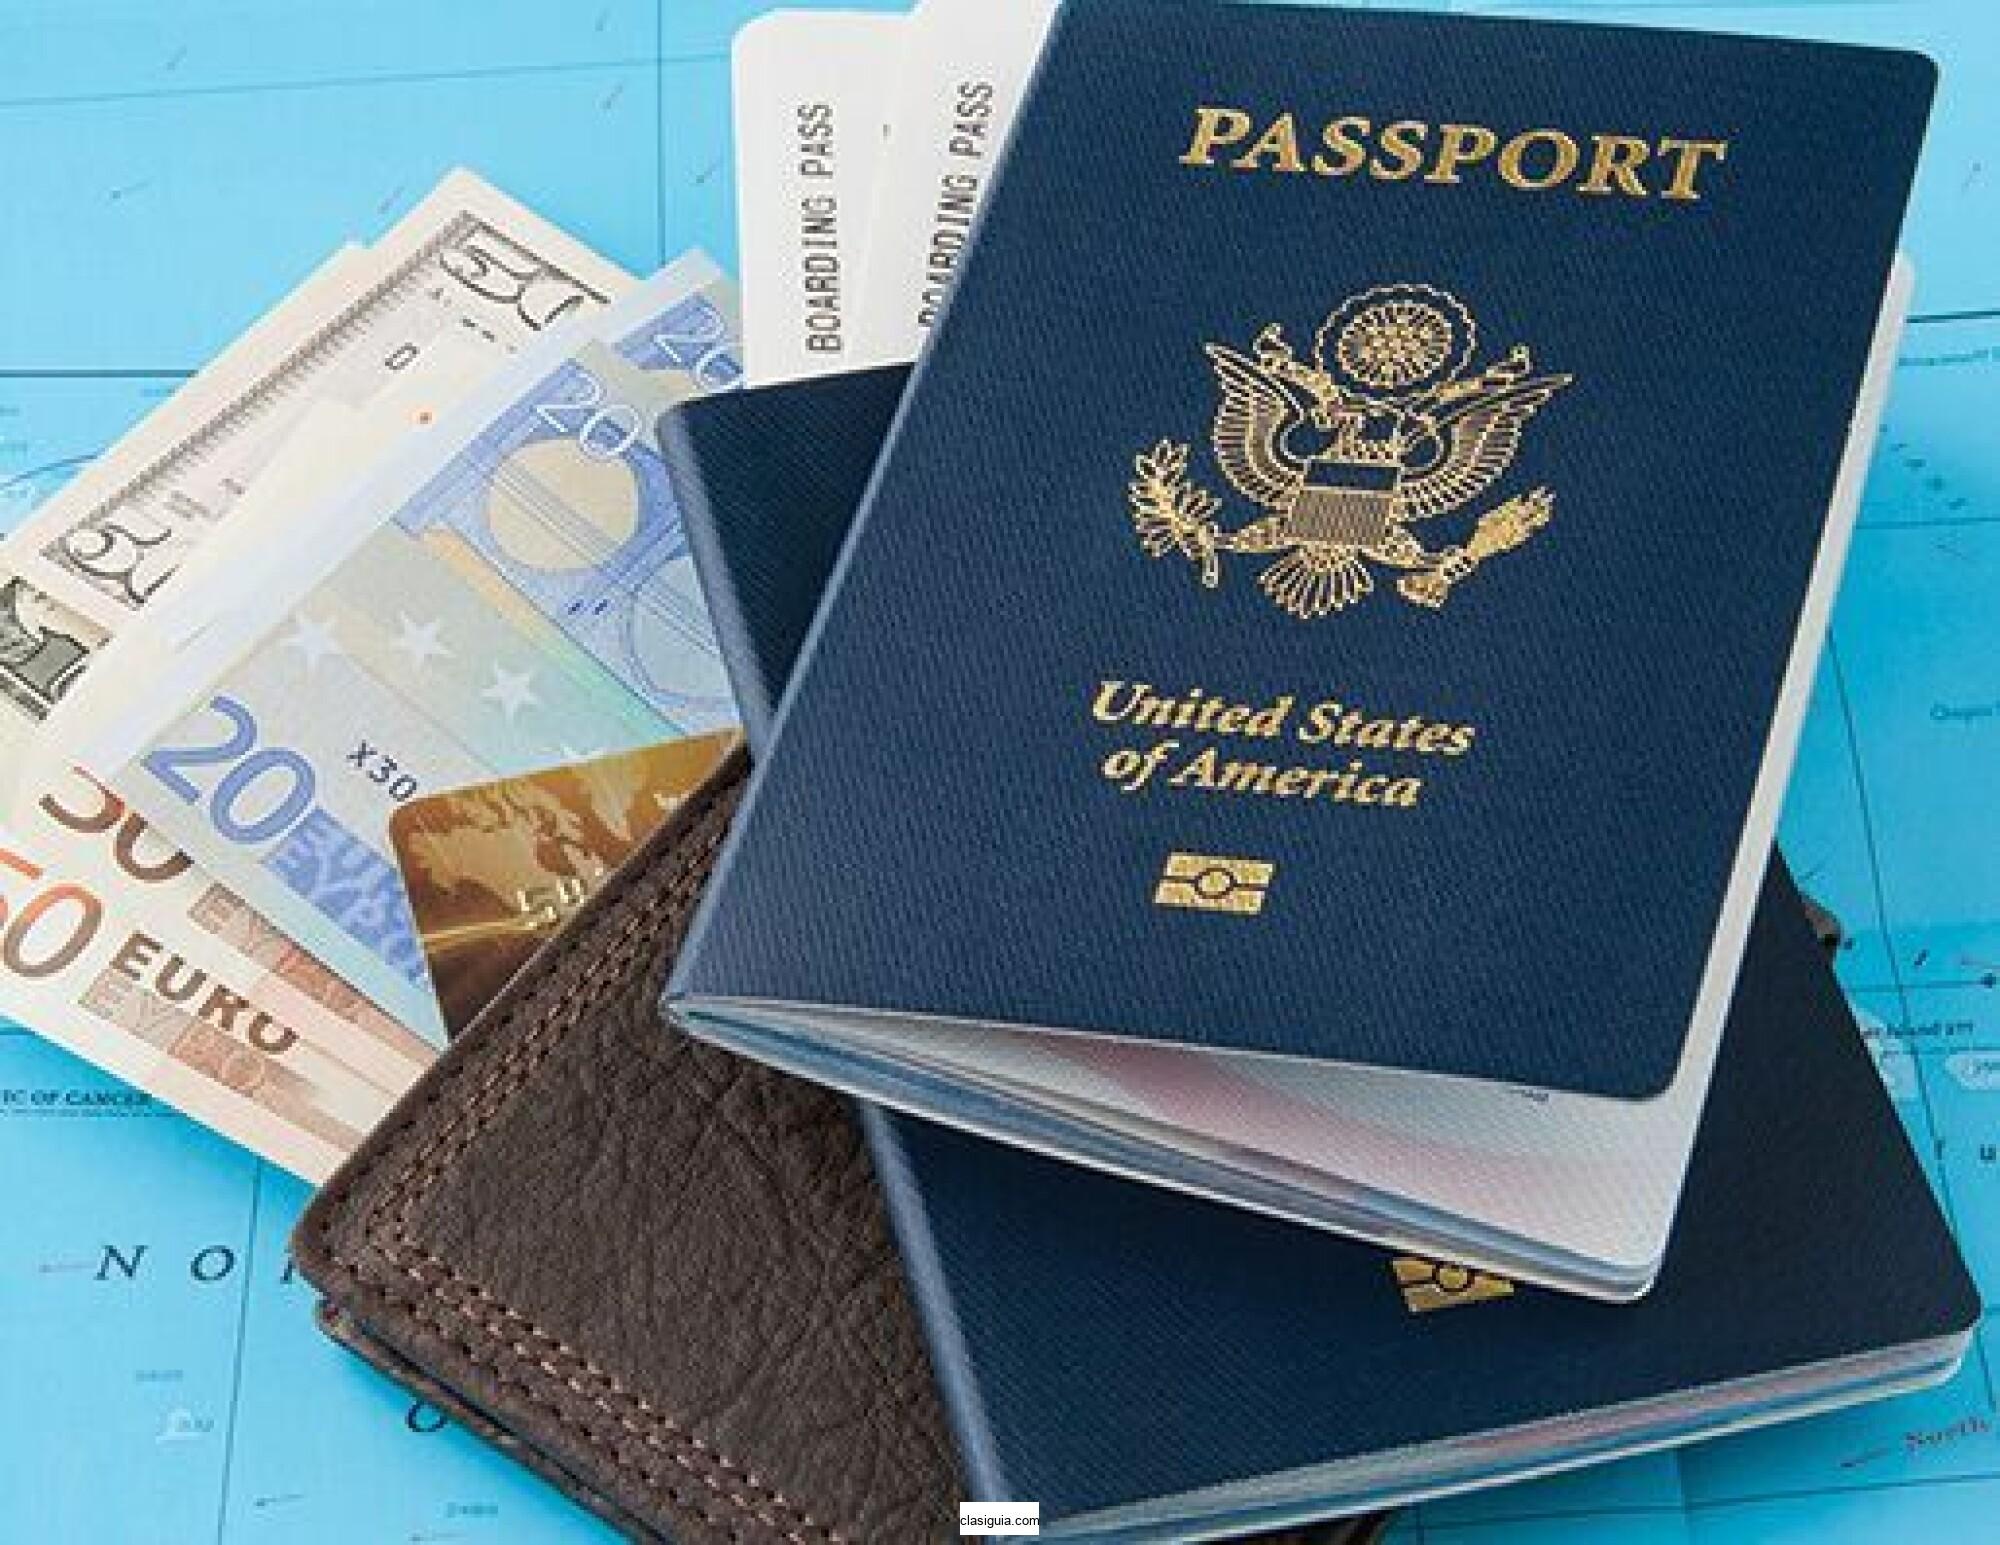 Pasaporte de la UE, licencia de conducir, tarjeta de identificación, nota falsa